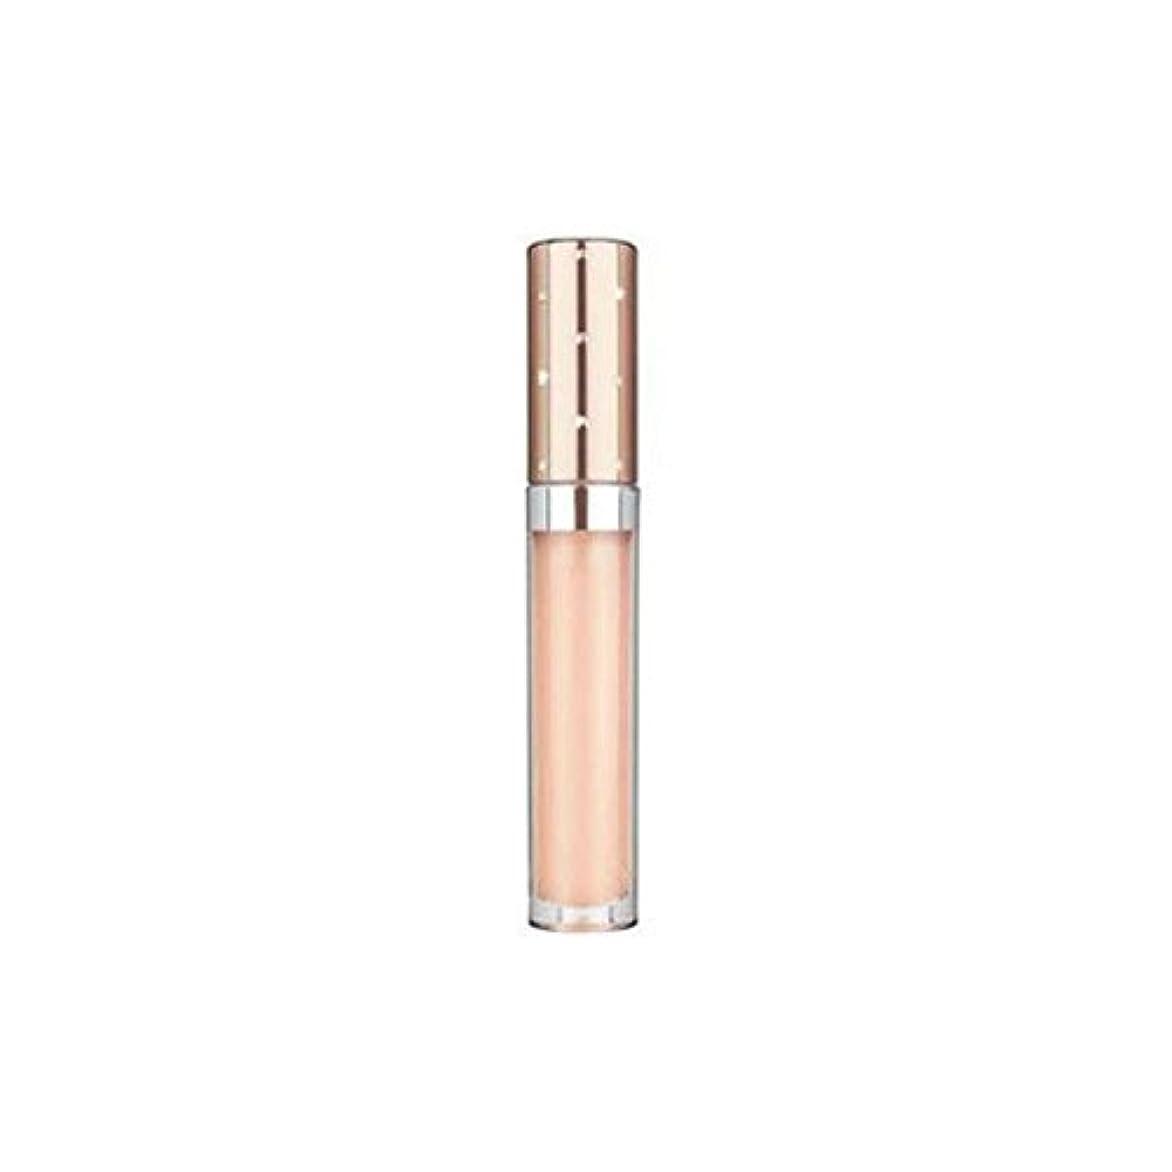 雷雨悲劇不正インスタントリップパーフェクション15(5ミリリットル) x4 - Nubo Instant Lip Perfection Spf15 (5ml) (Pack of 4) [並行輸入品]